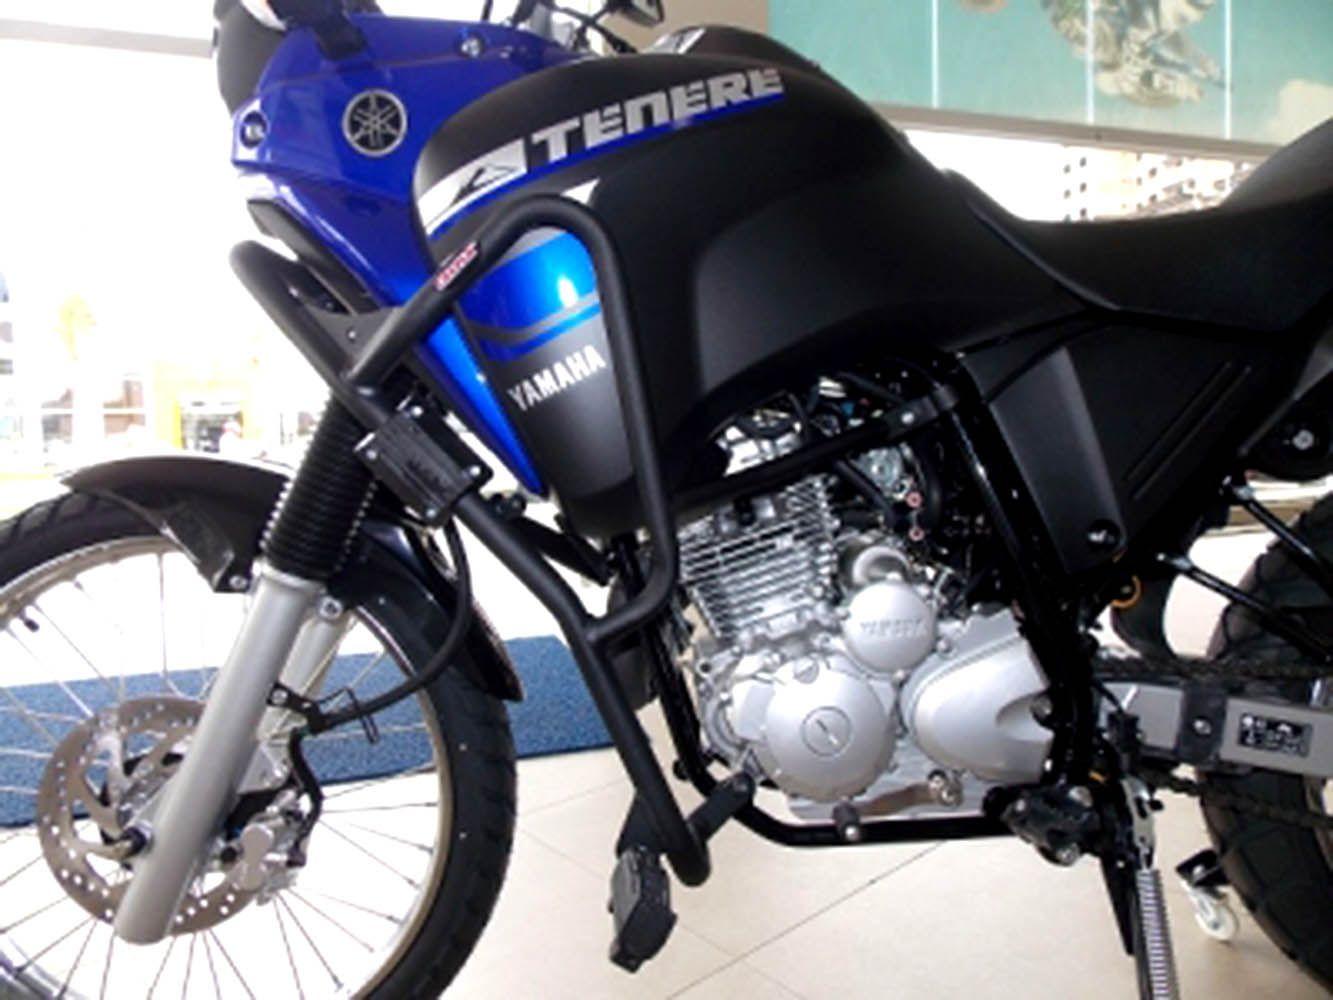 Protetor Motor Perna Carenagem Tenere 250 Chapam 10789